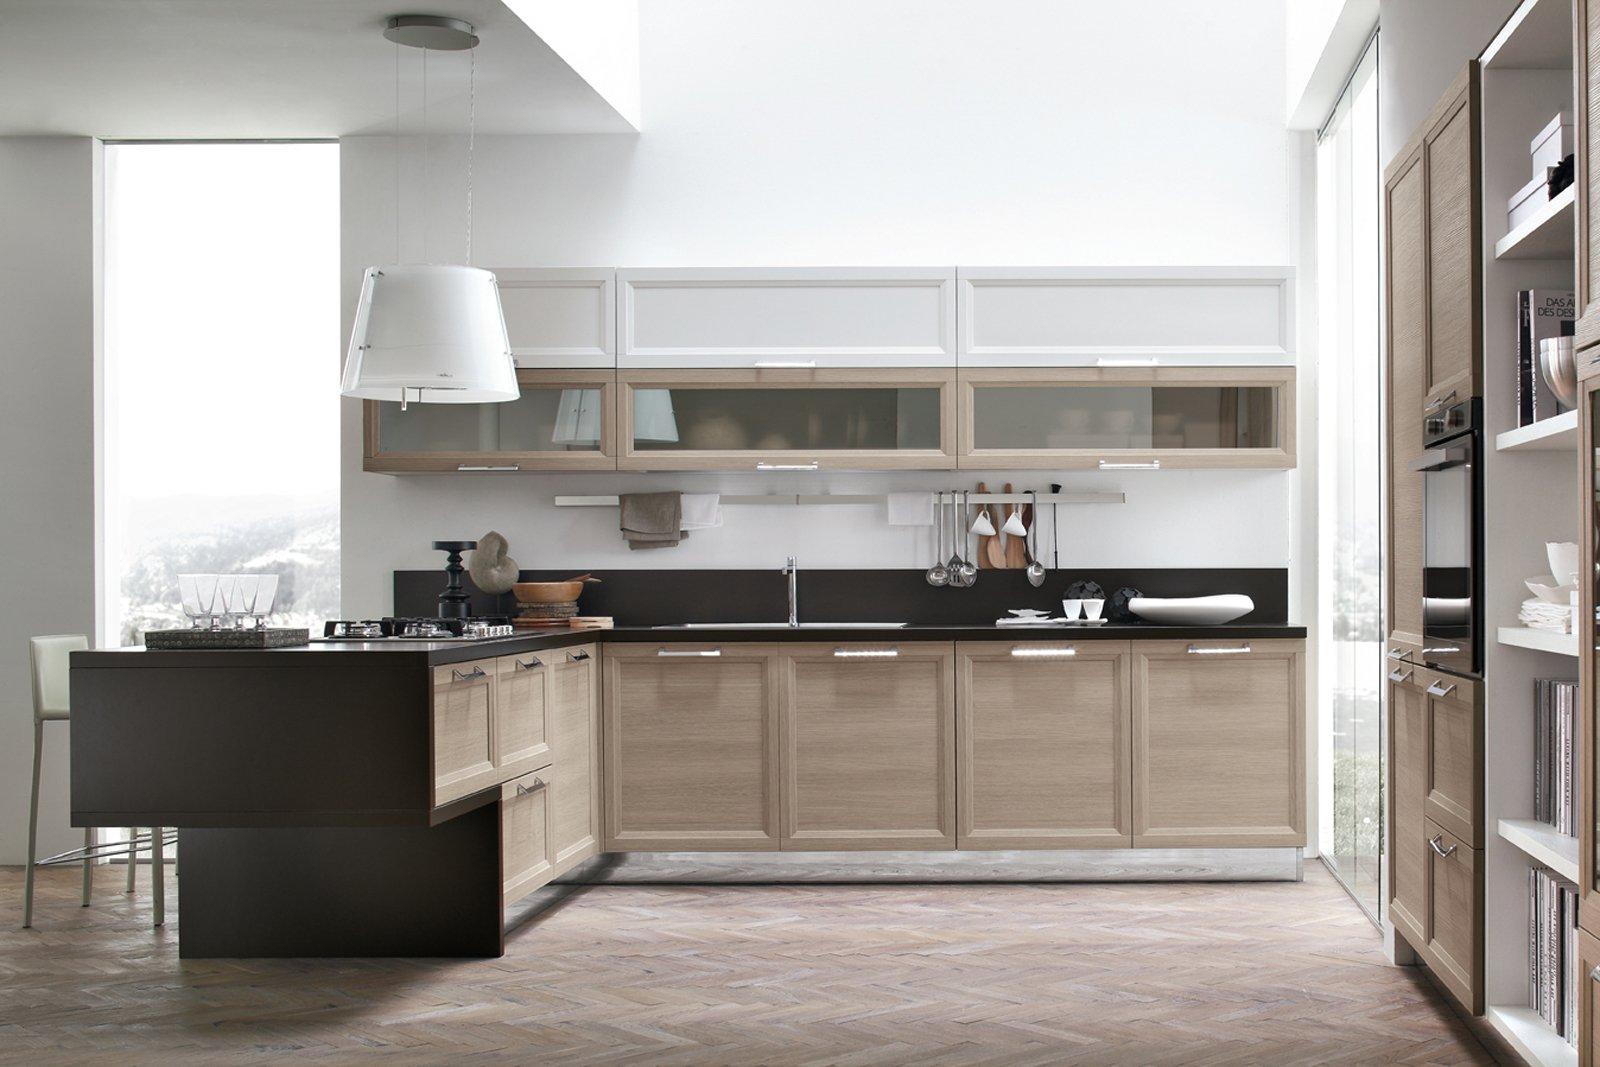 Cucine con penisola cose di casa for Accessori pensili cucina